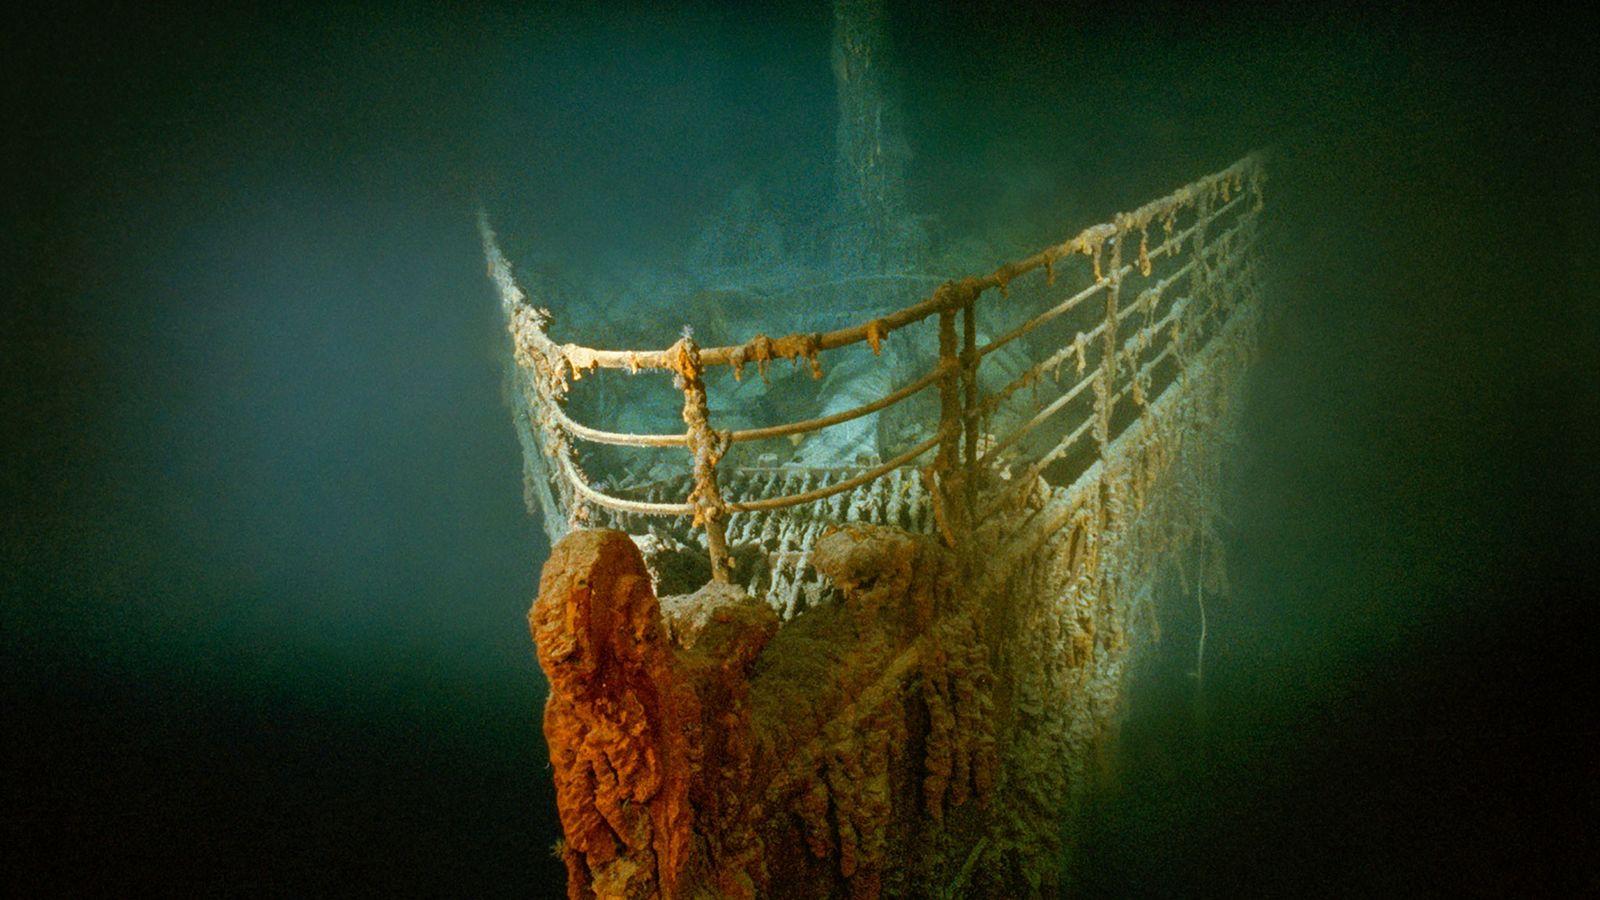 A proa enferrujada (arco) do Titanic.